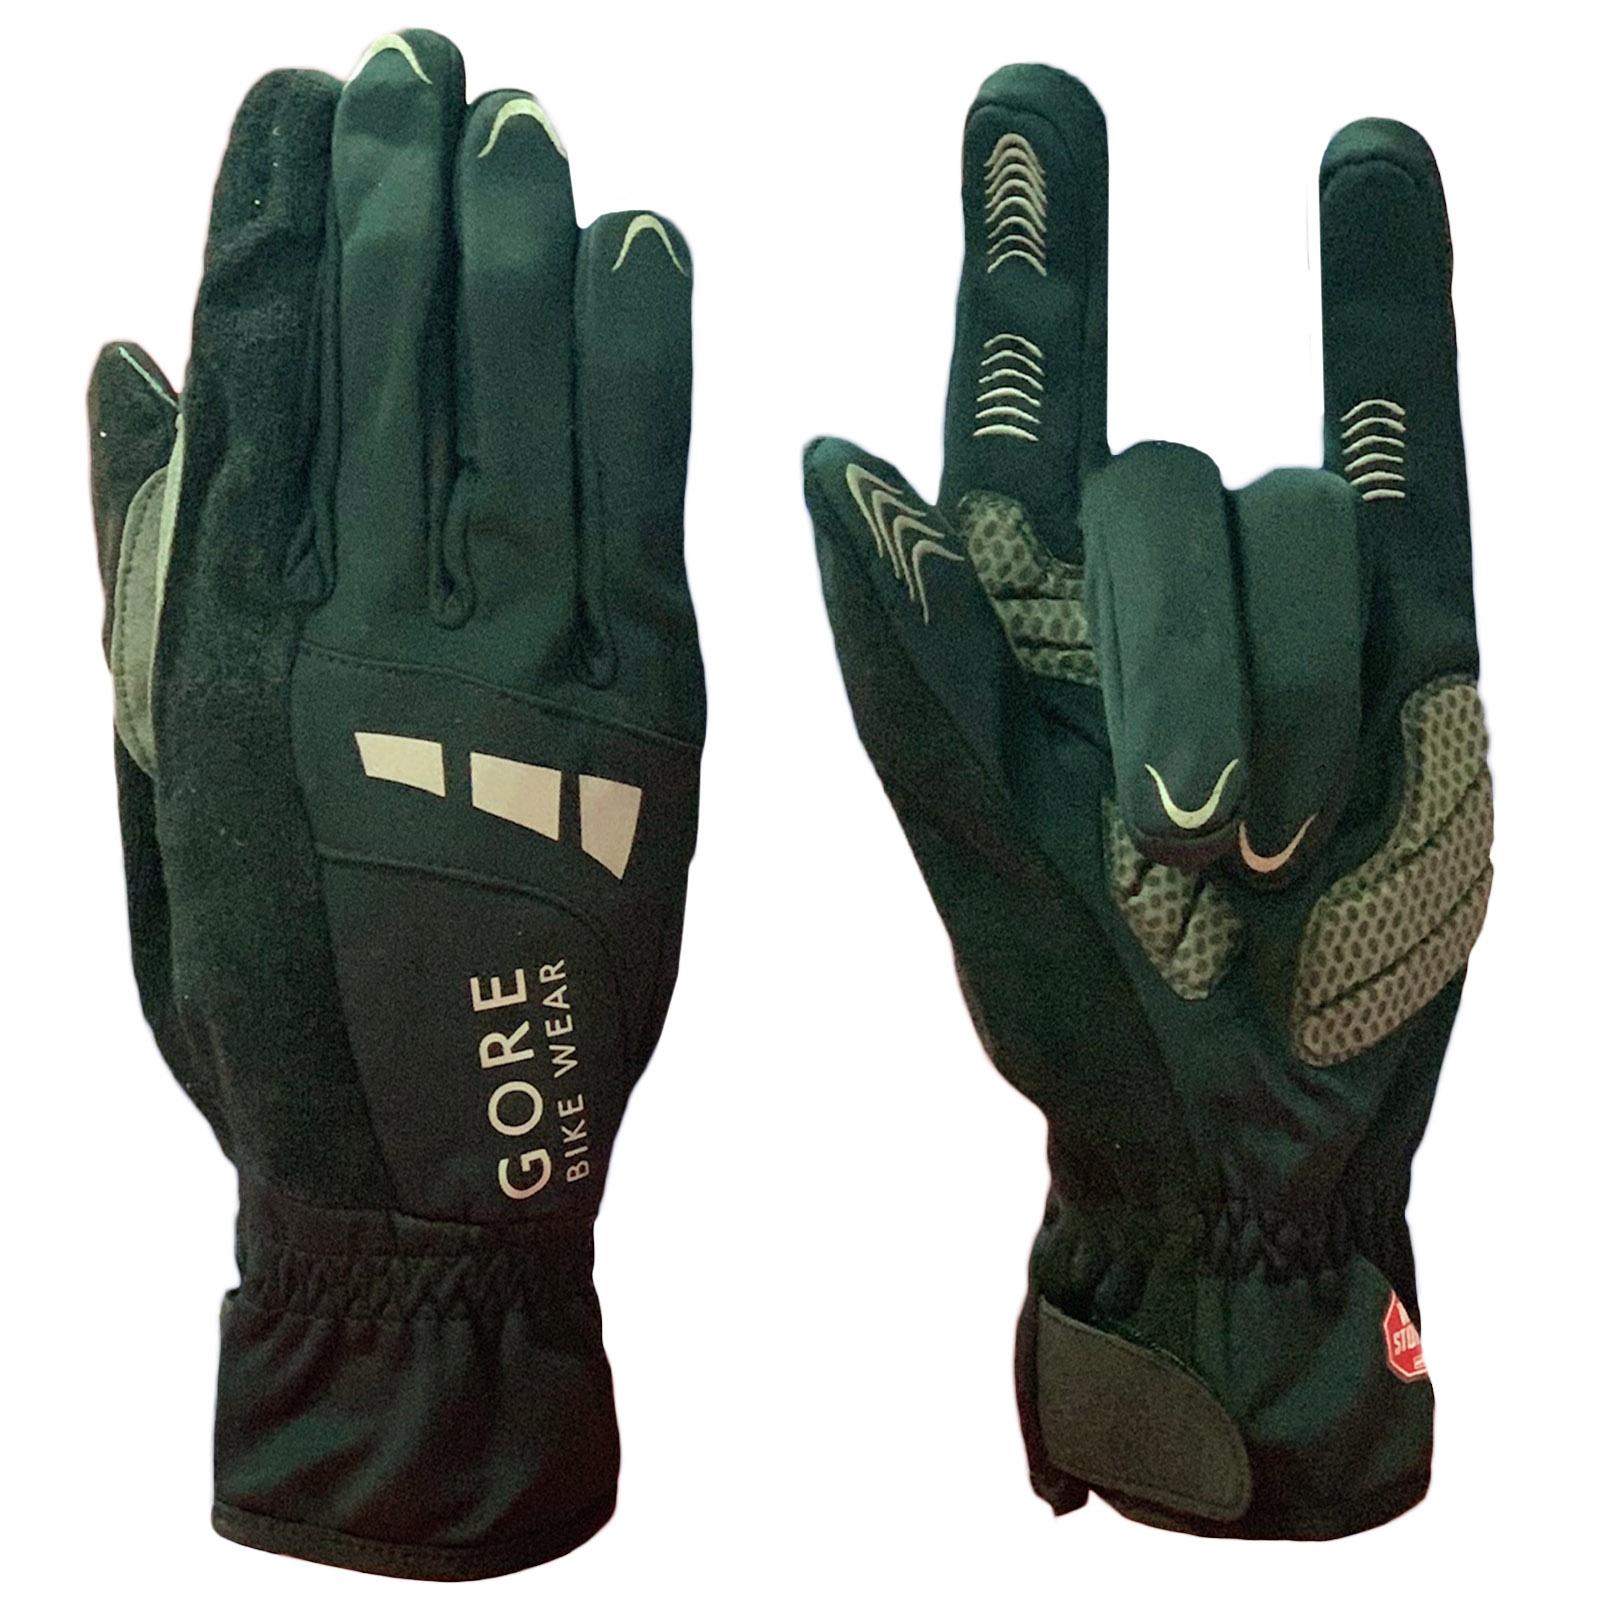 Чопперские эксклюзивные перчатки от Gore Bike Wear